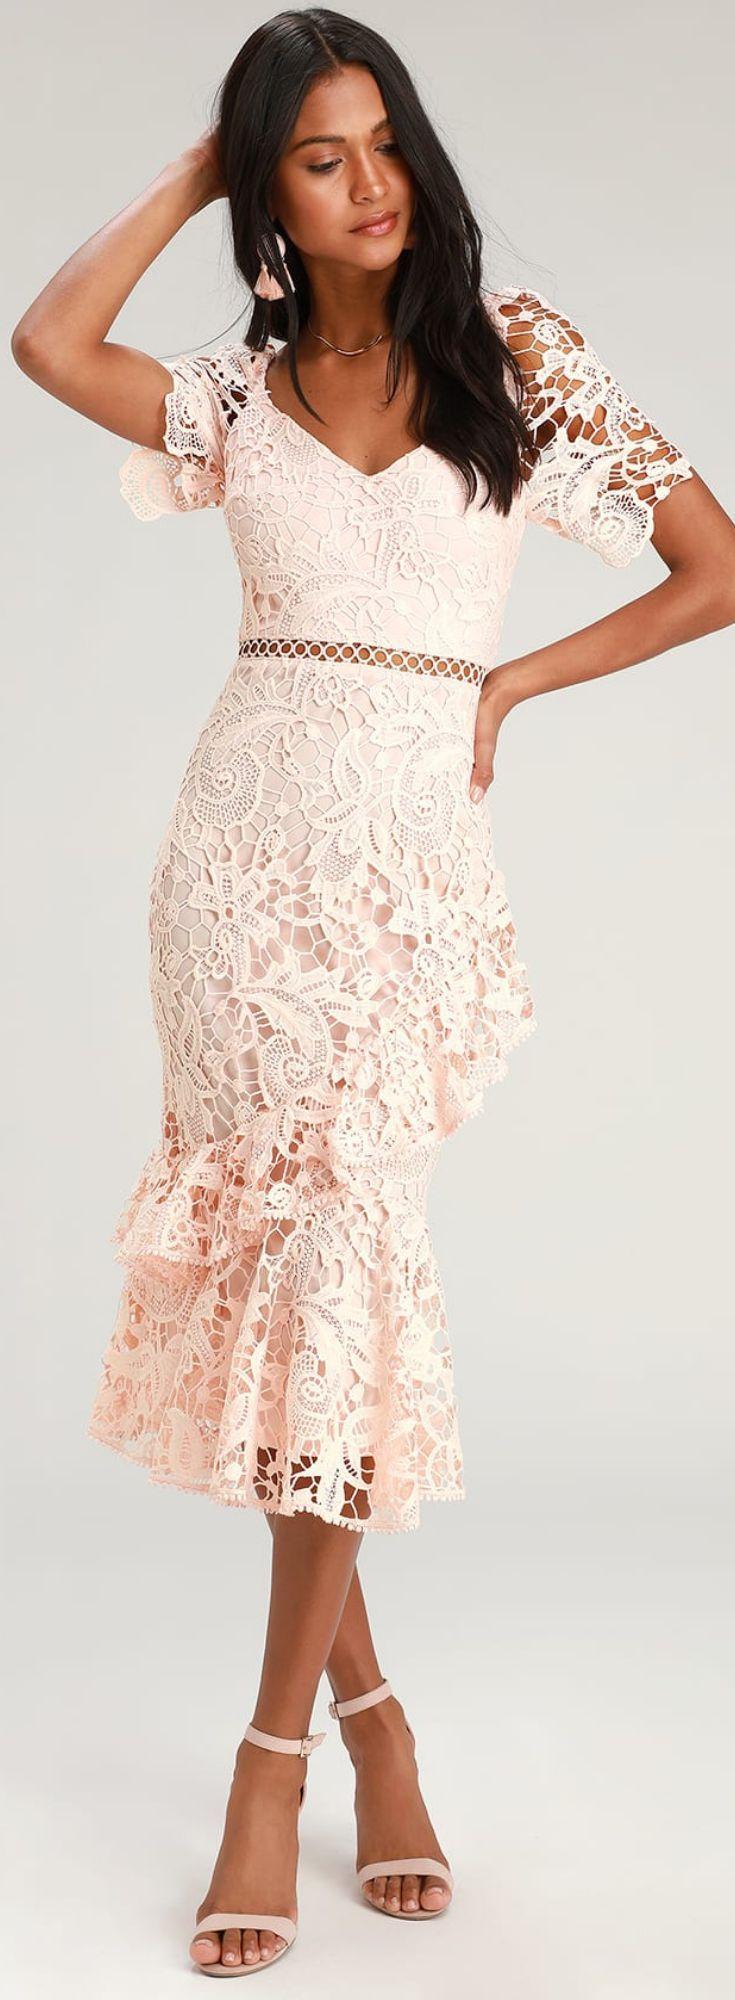 wedding shower dresses for bride